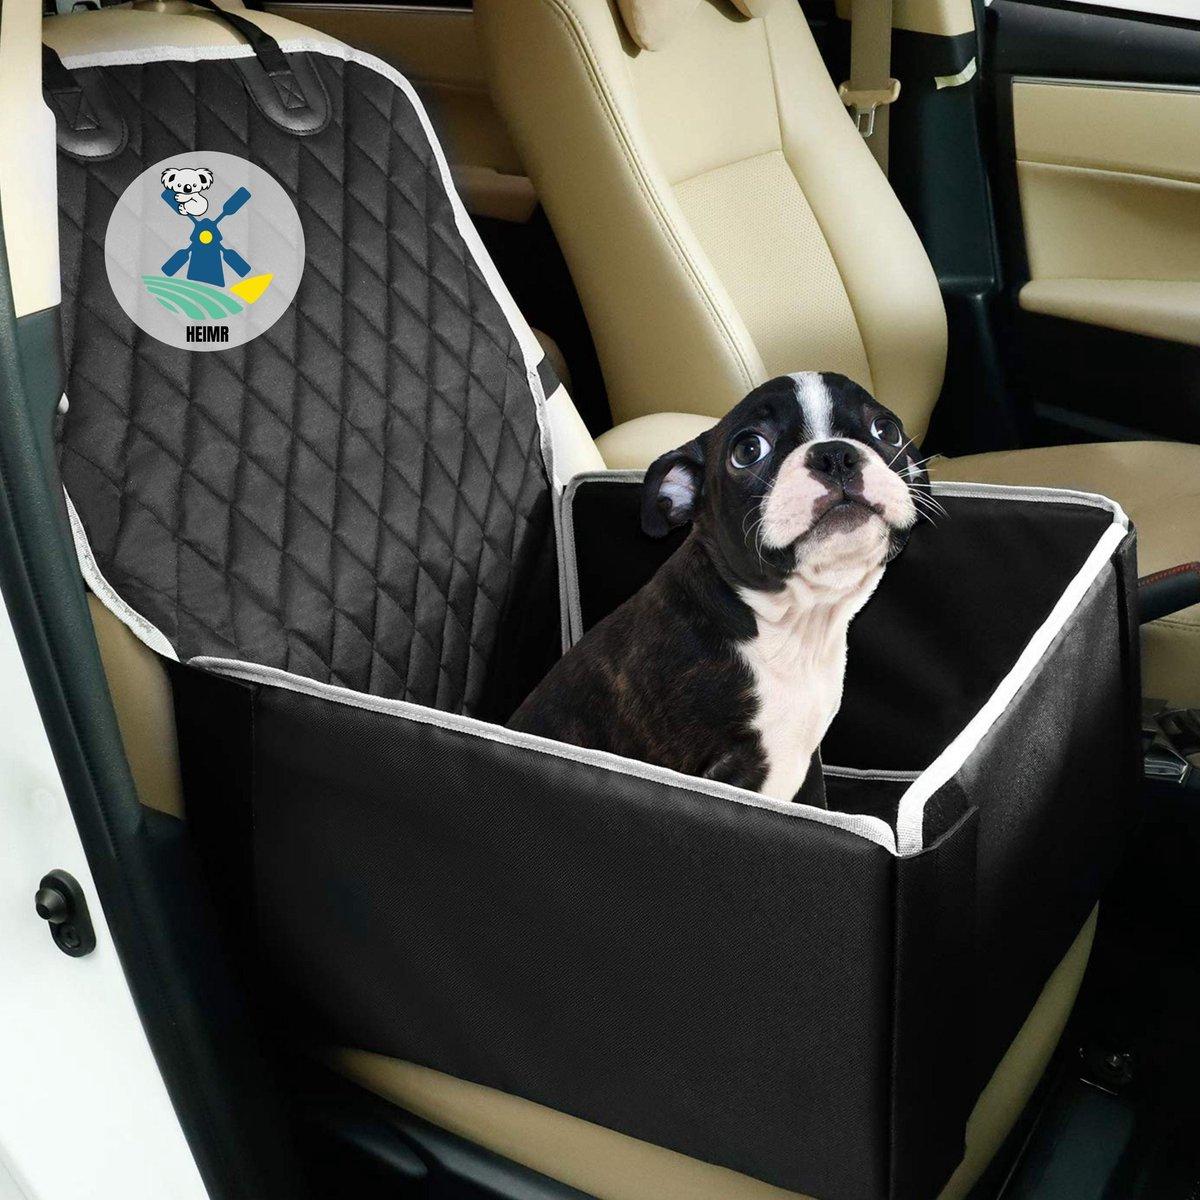 Autostoel Hond - Hondenstoel Auto - Hondenmand Auto - Opvouwbaar Autozitje Hond - Hoge Kwaliteit - 5